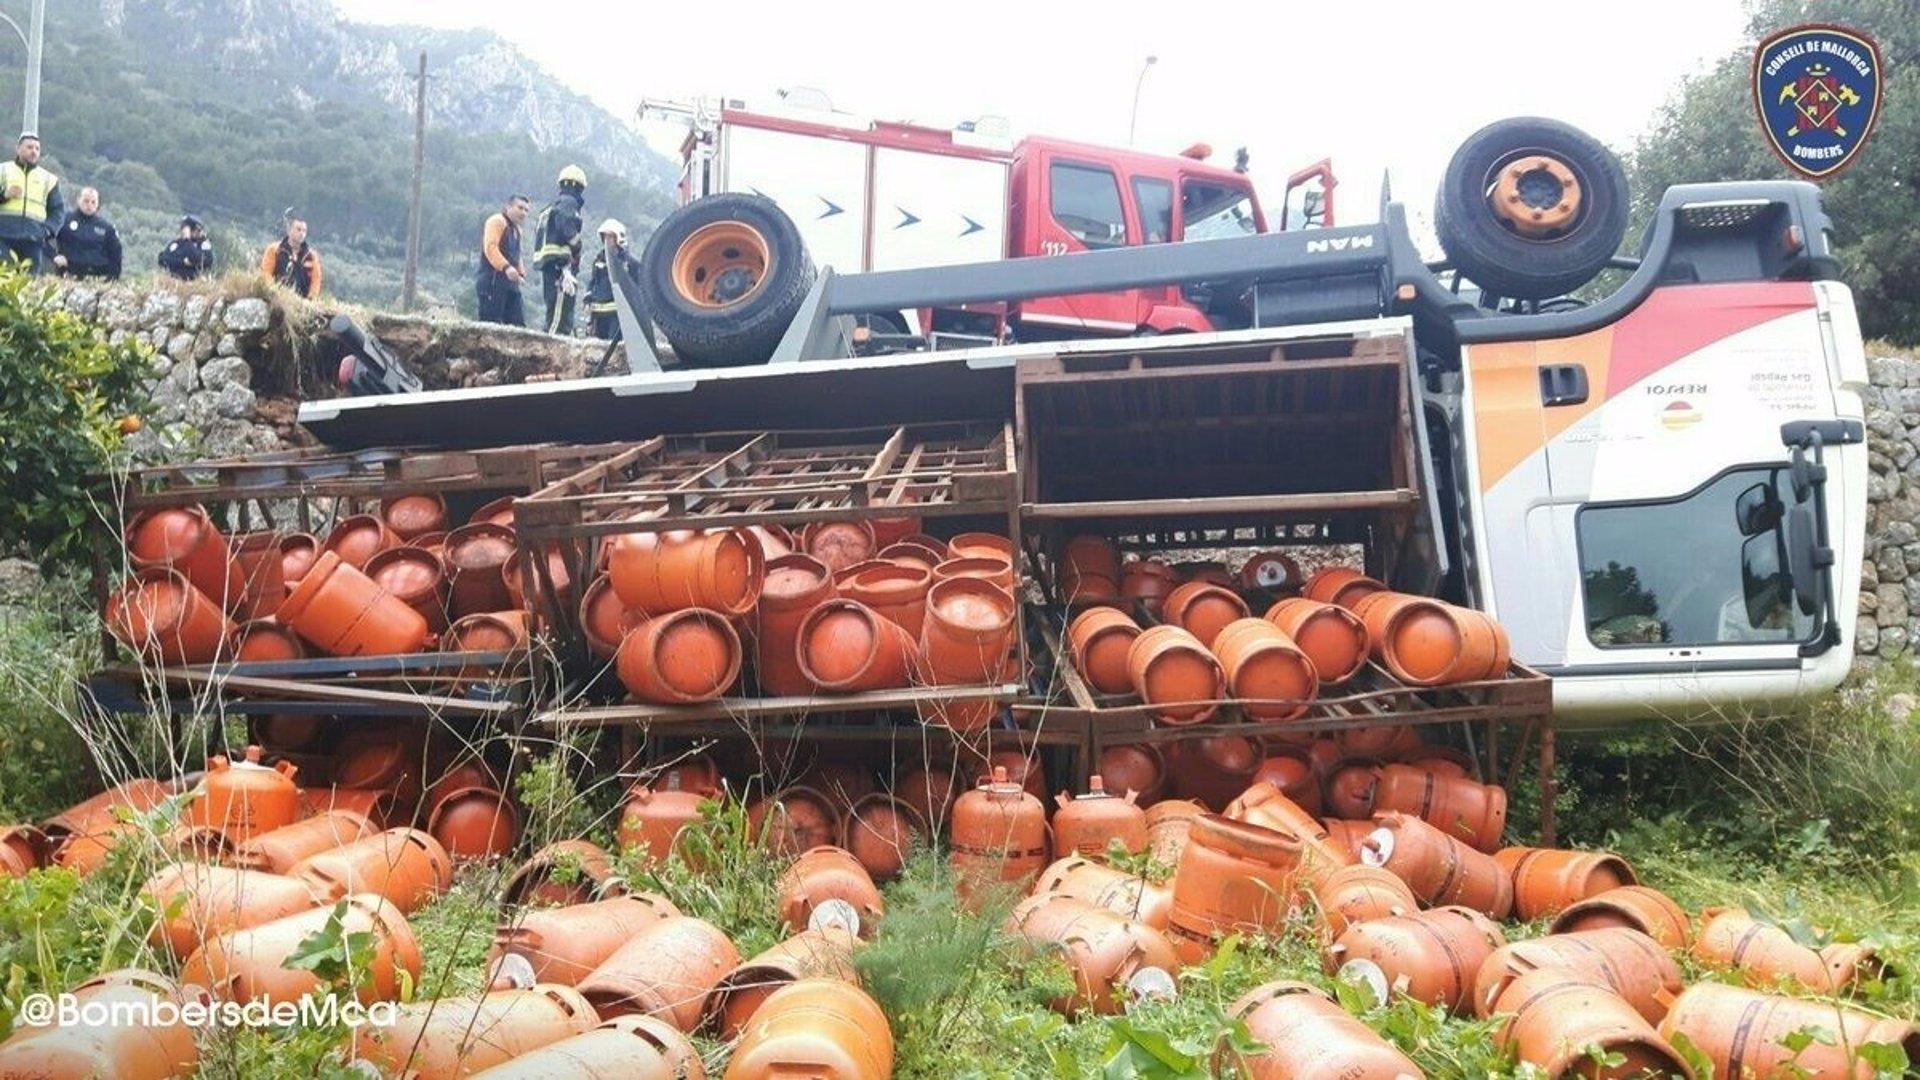 Vuelca en Sóller un camión cargado de bombonas de butano, sin dejar heridos